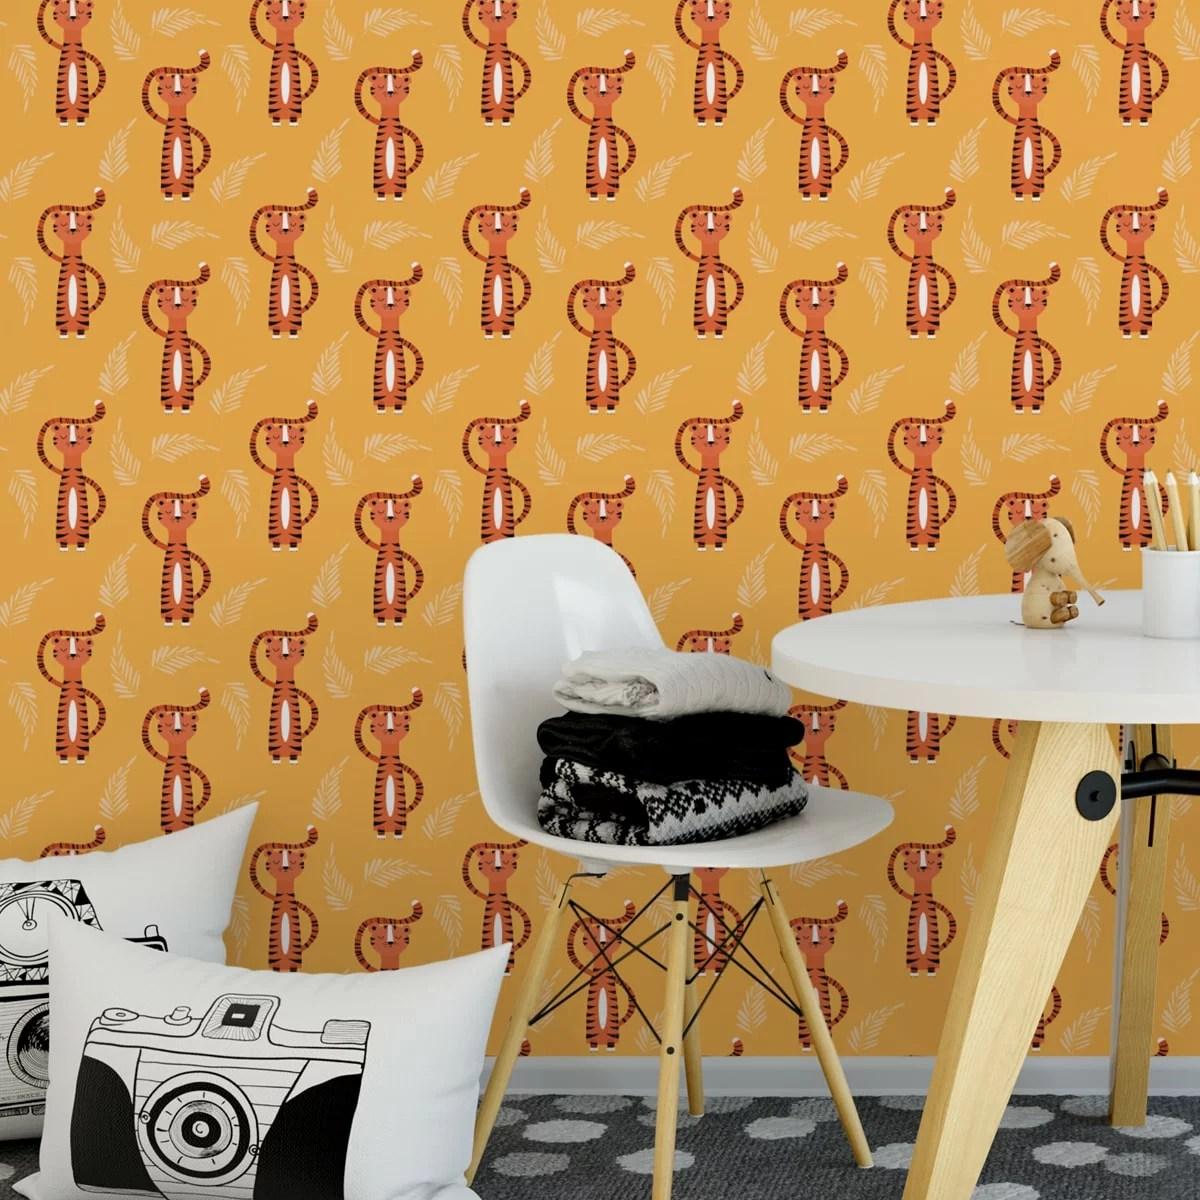 Trendige Kinder Jugend Tapete Mit Lustigem Sieger Tiger Auf Gelb Angepasst  An Ikea Wandfarben  Vliestapete